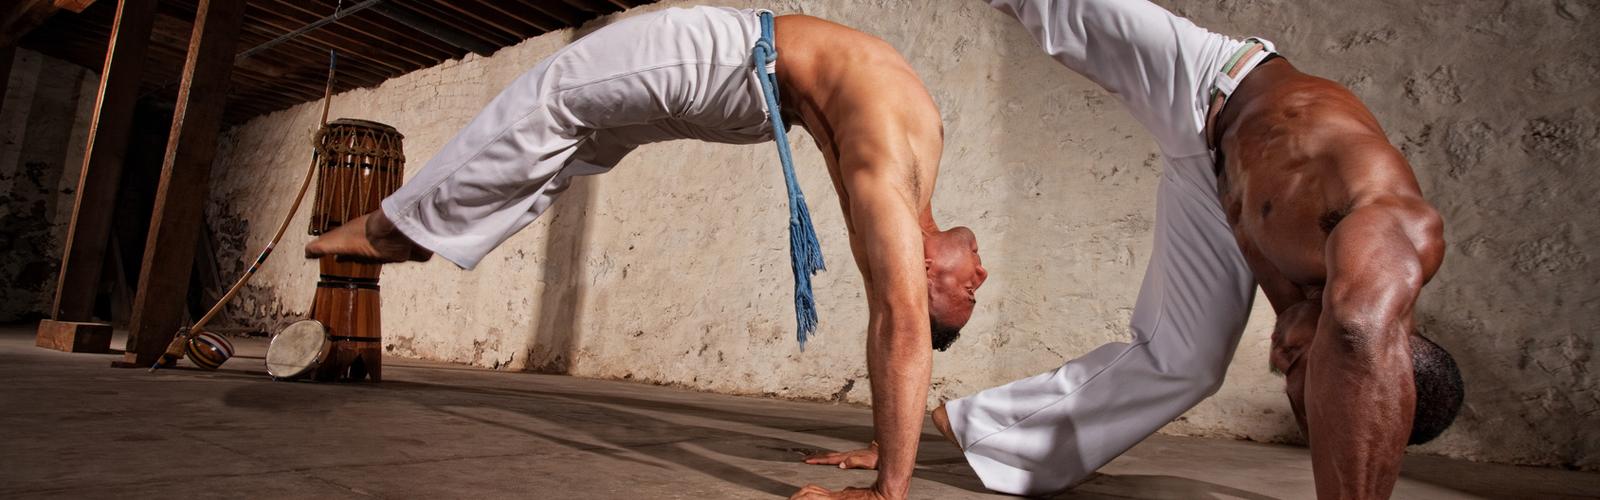 Capoeira in Cumbuco